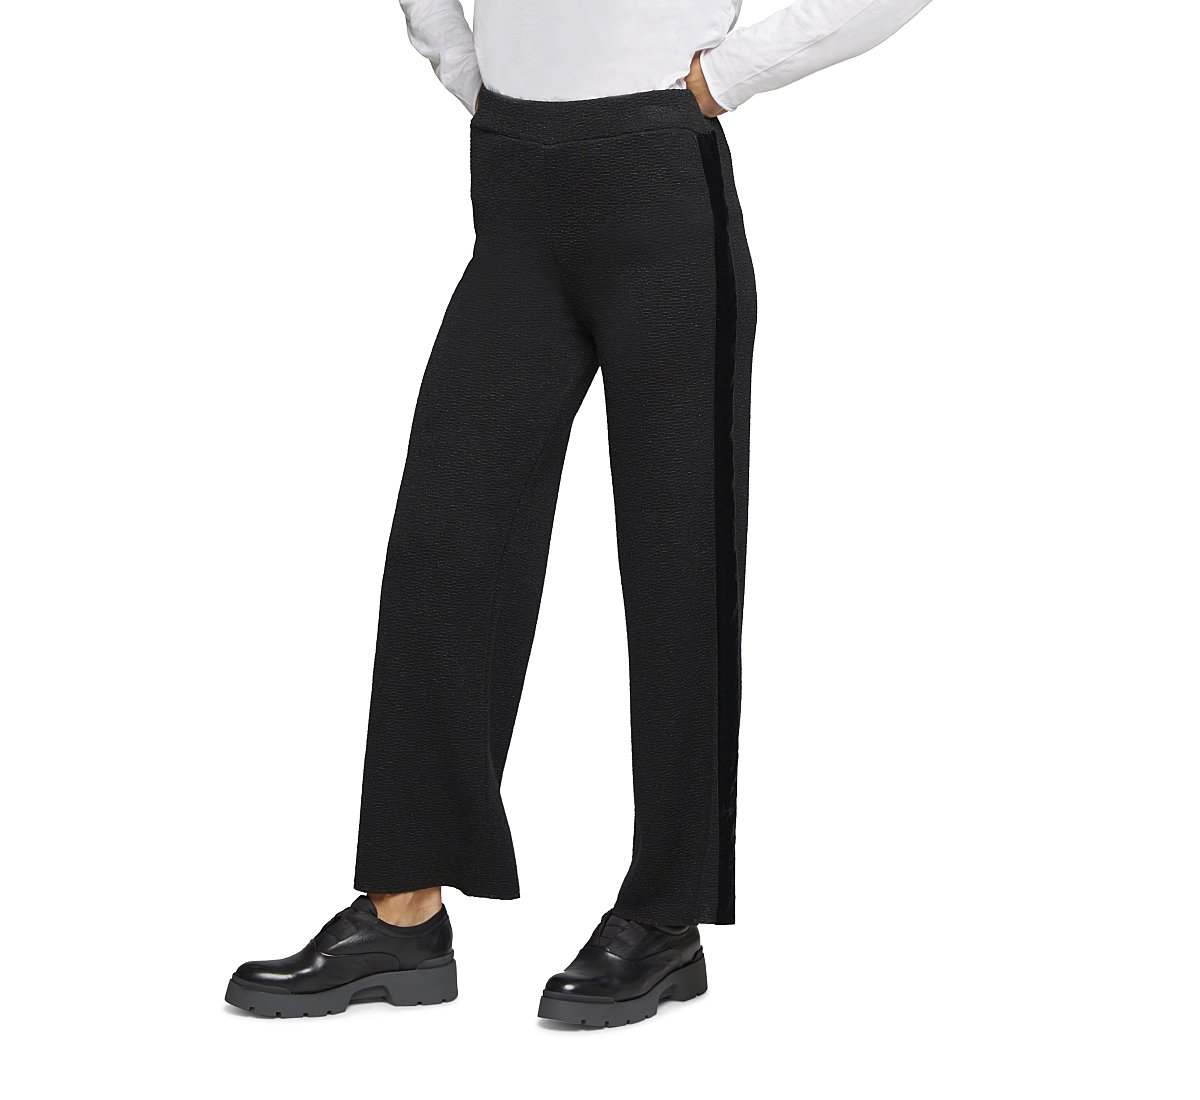 Pantaloni elasticizzati in viscosa